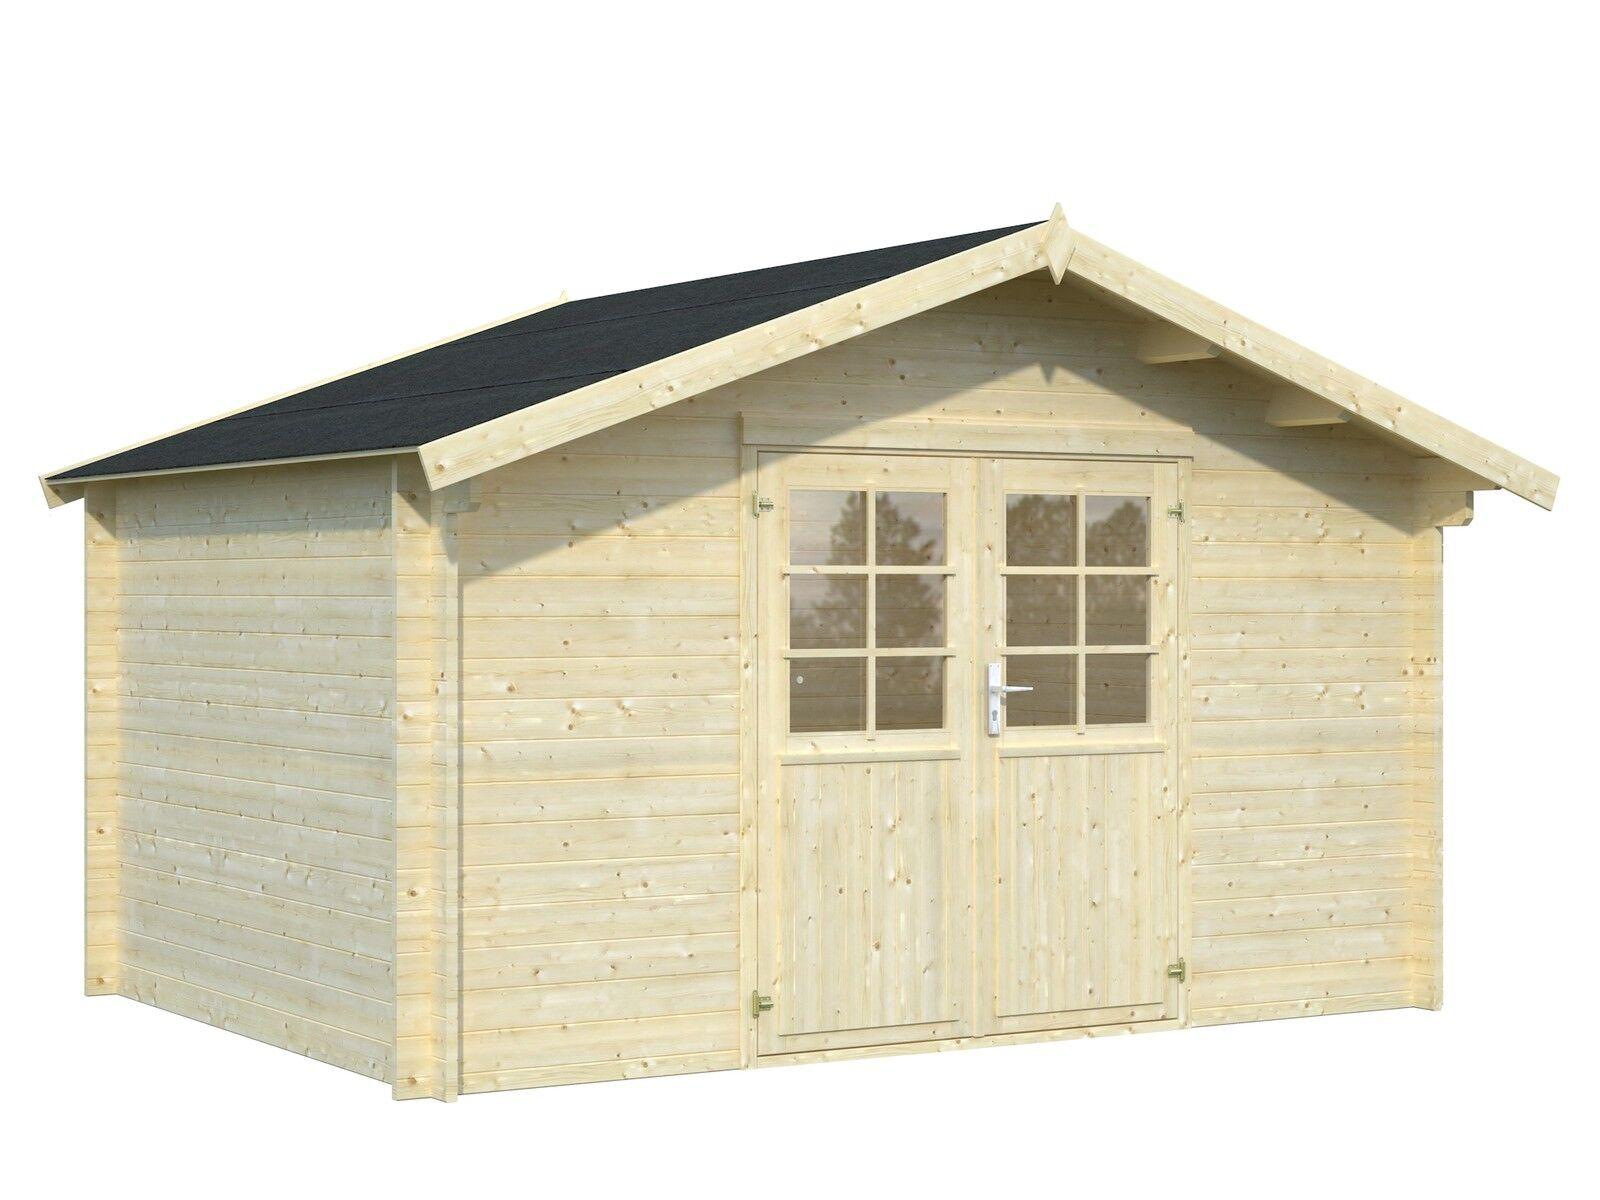 34 mm gartenhaus greta ca 4x3m holz schleppdach ger tehaus blockhaus holzhaus ebay. Black Bedroom Furniture Sets. Home Design Ideas